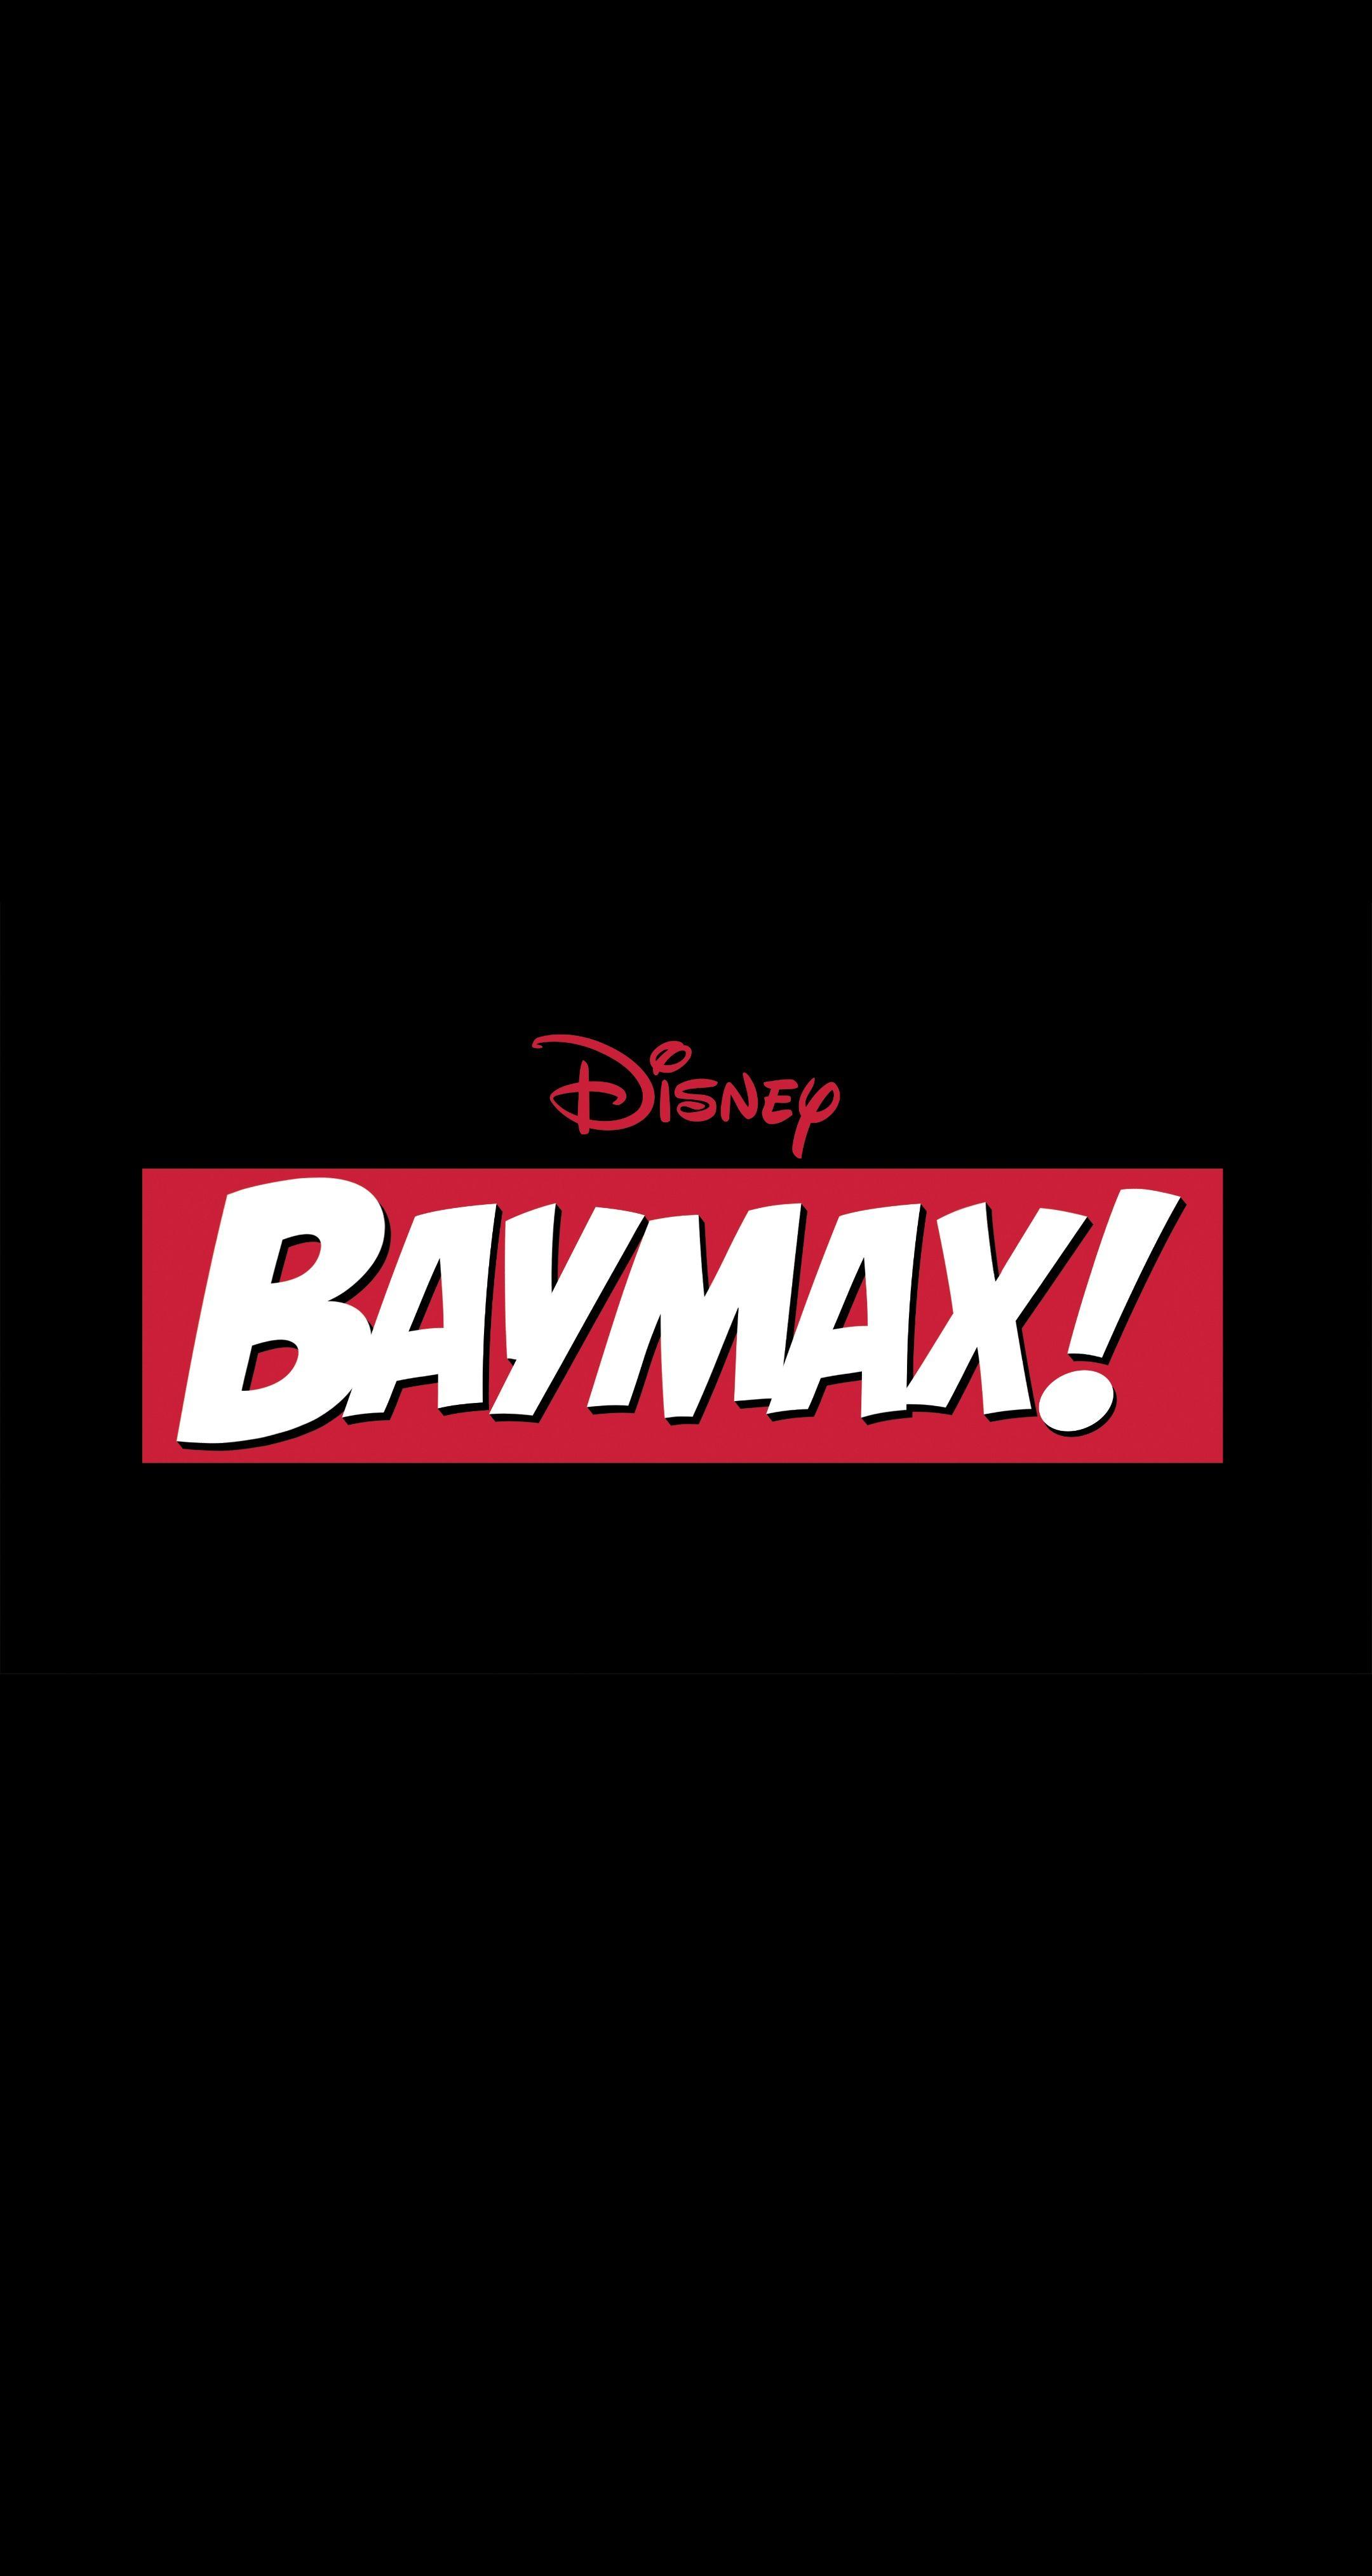 Baymax! ne zaman